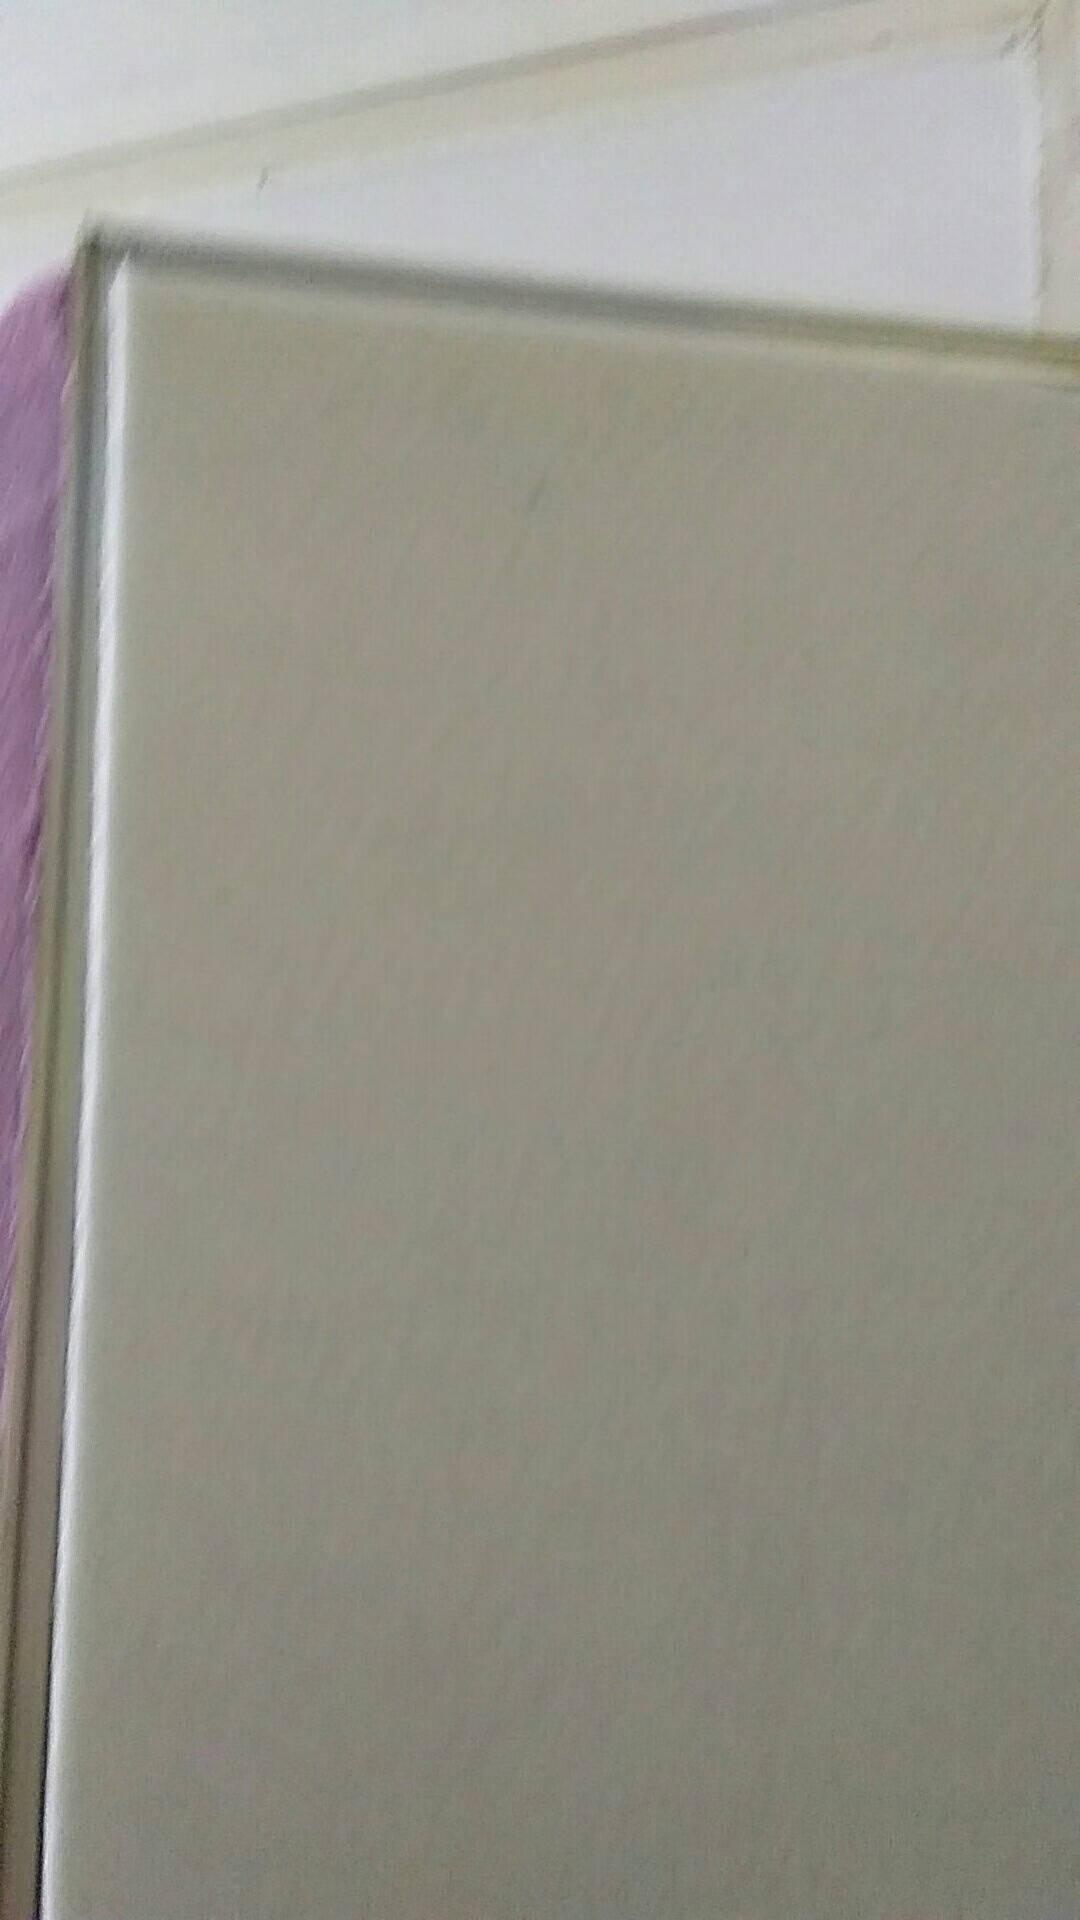 亿派隔音棉吸音棉墙体卧室家用室内自粘隔音神器消音棉海绵材料隔音板灰色10片装【带背胶】